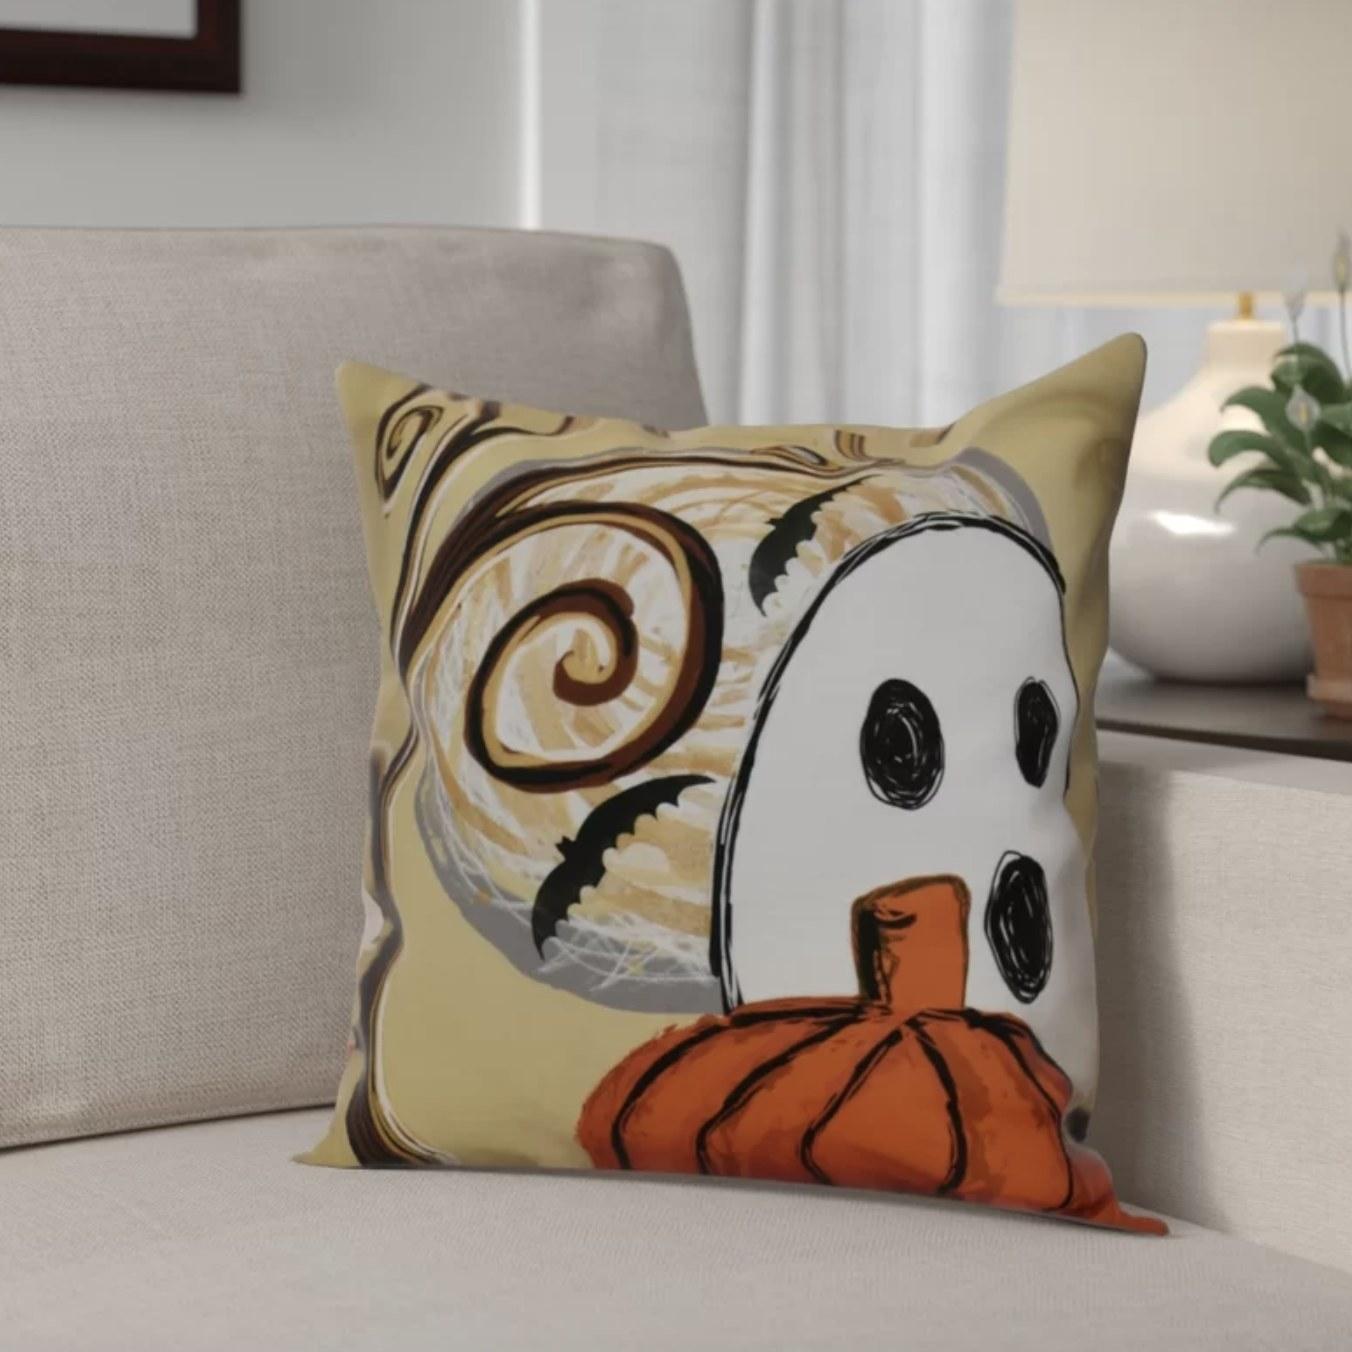 The gold pillow has a ghost, pumpkin, bats and dark swirls